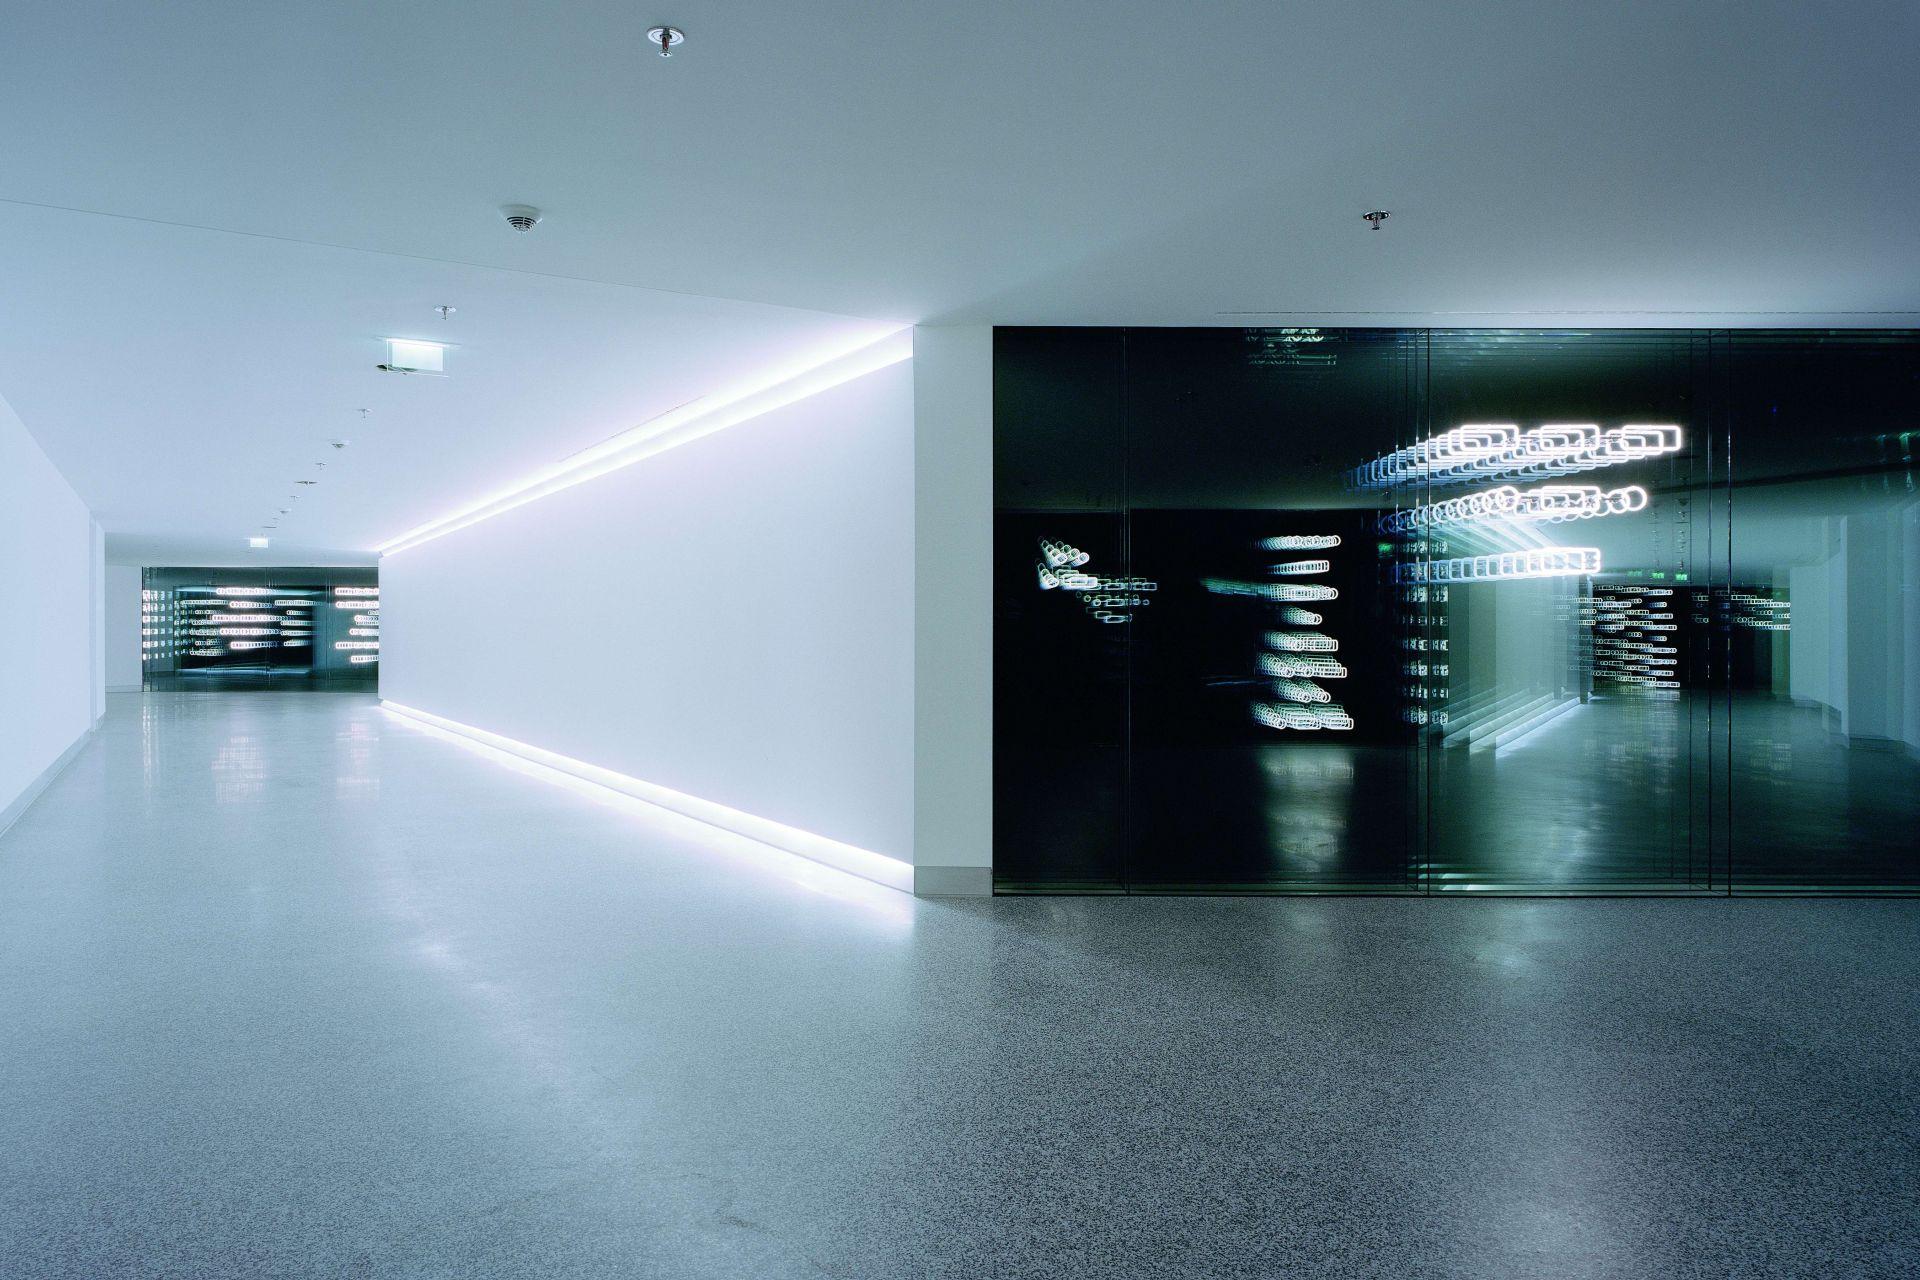 Brigitte Kowanz: Licht bleibt bei sich / kennt keinen Ort / ständig in Veränderung / mit seiner Umgebung, 2003 - 2005 Foto: Stefan Schilling